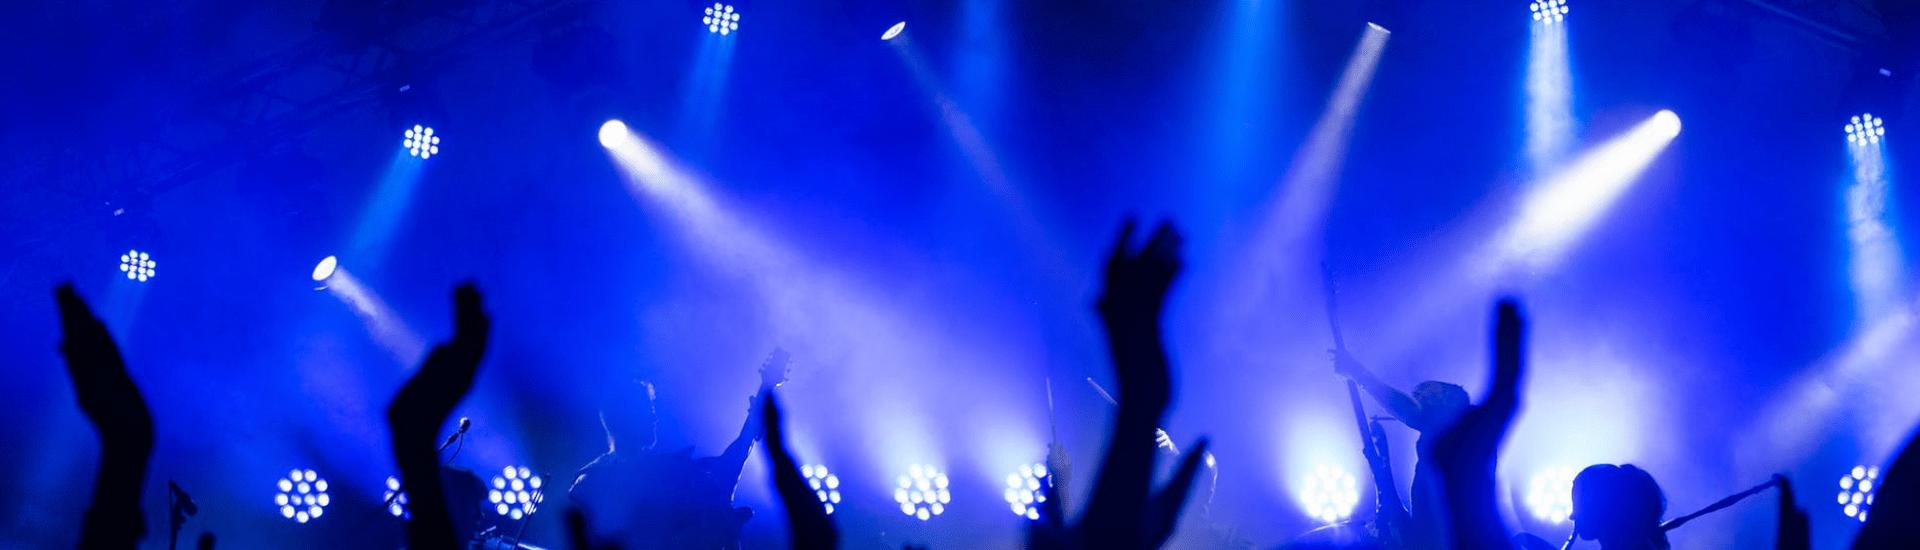 LED banner 1-min